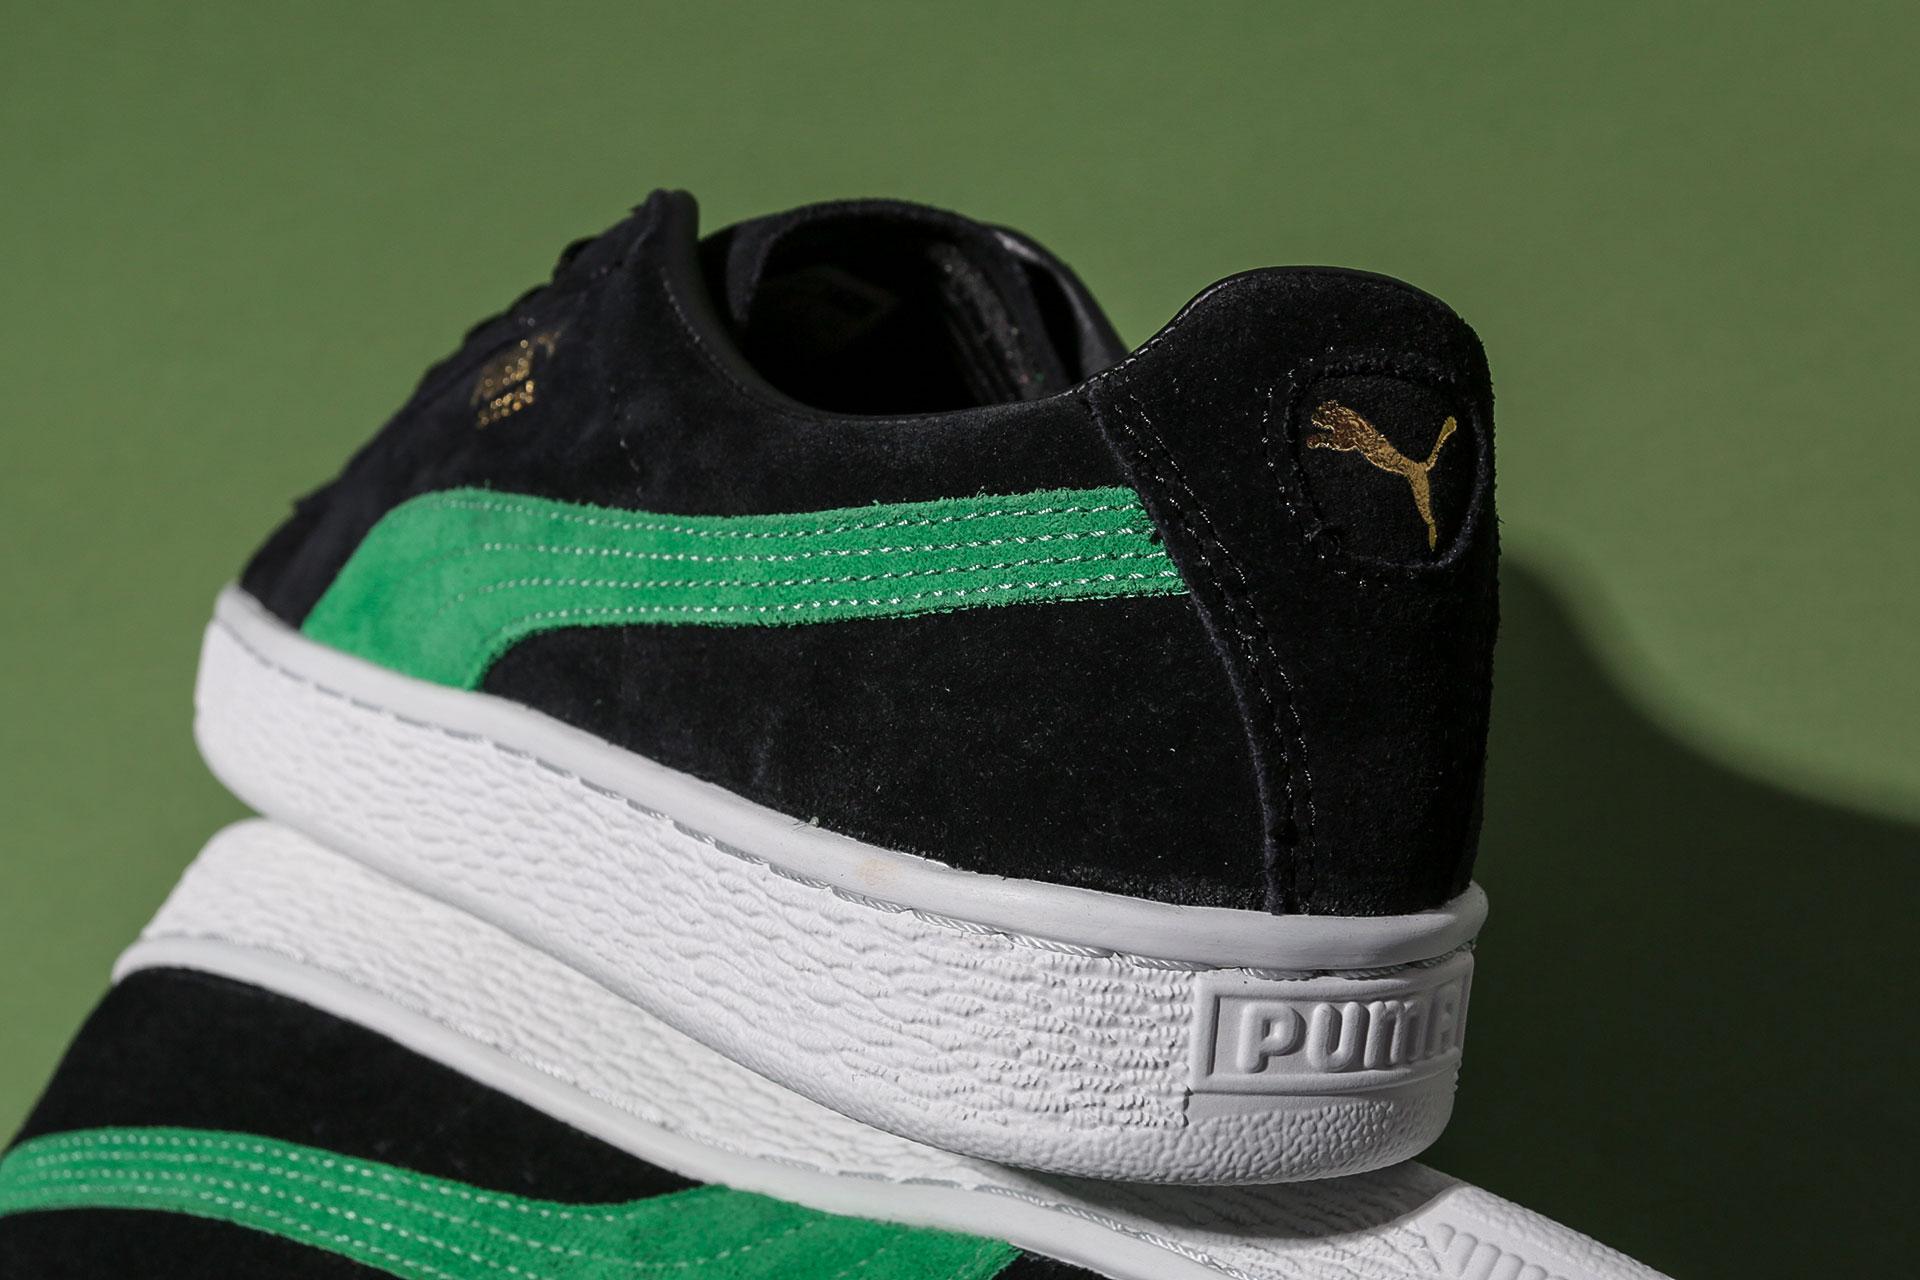 ... Купить мужские черные кроссовки Puma Suede Classic x XLARGE - фото 3  картинки ... 255d1f924fa